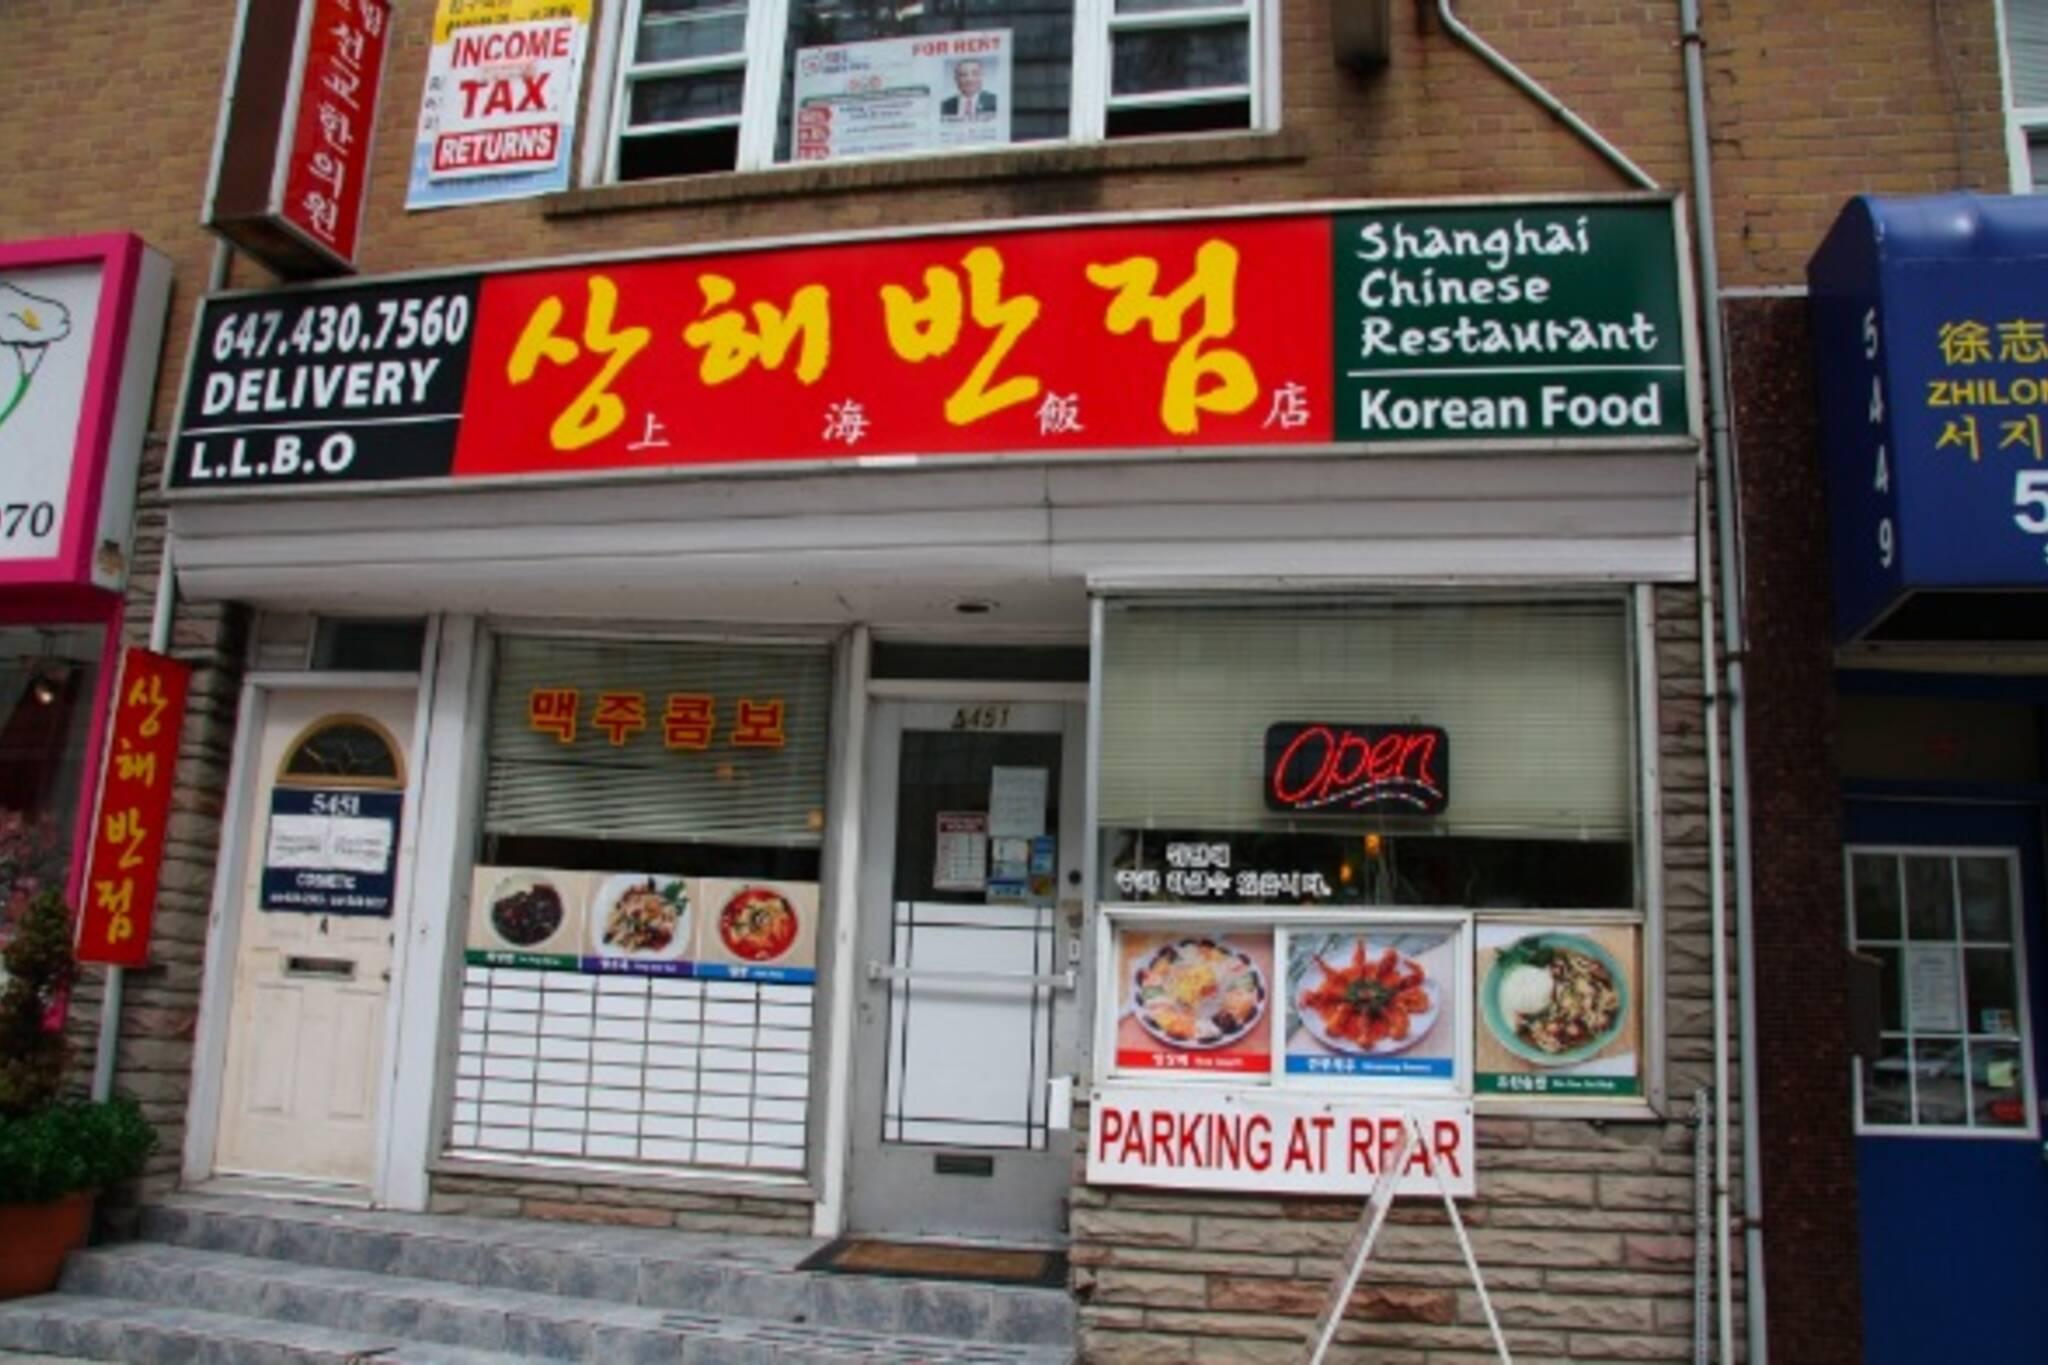 Toronto Shanghai Chinese